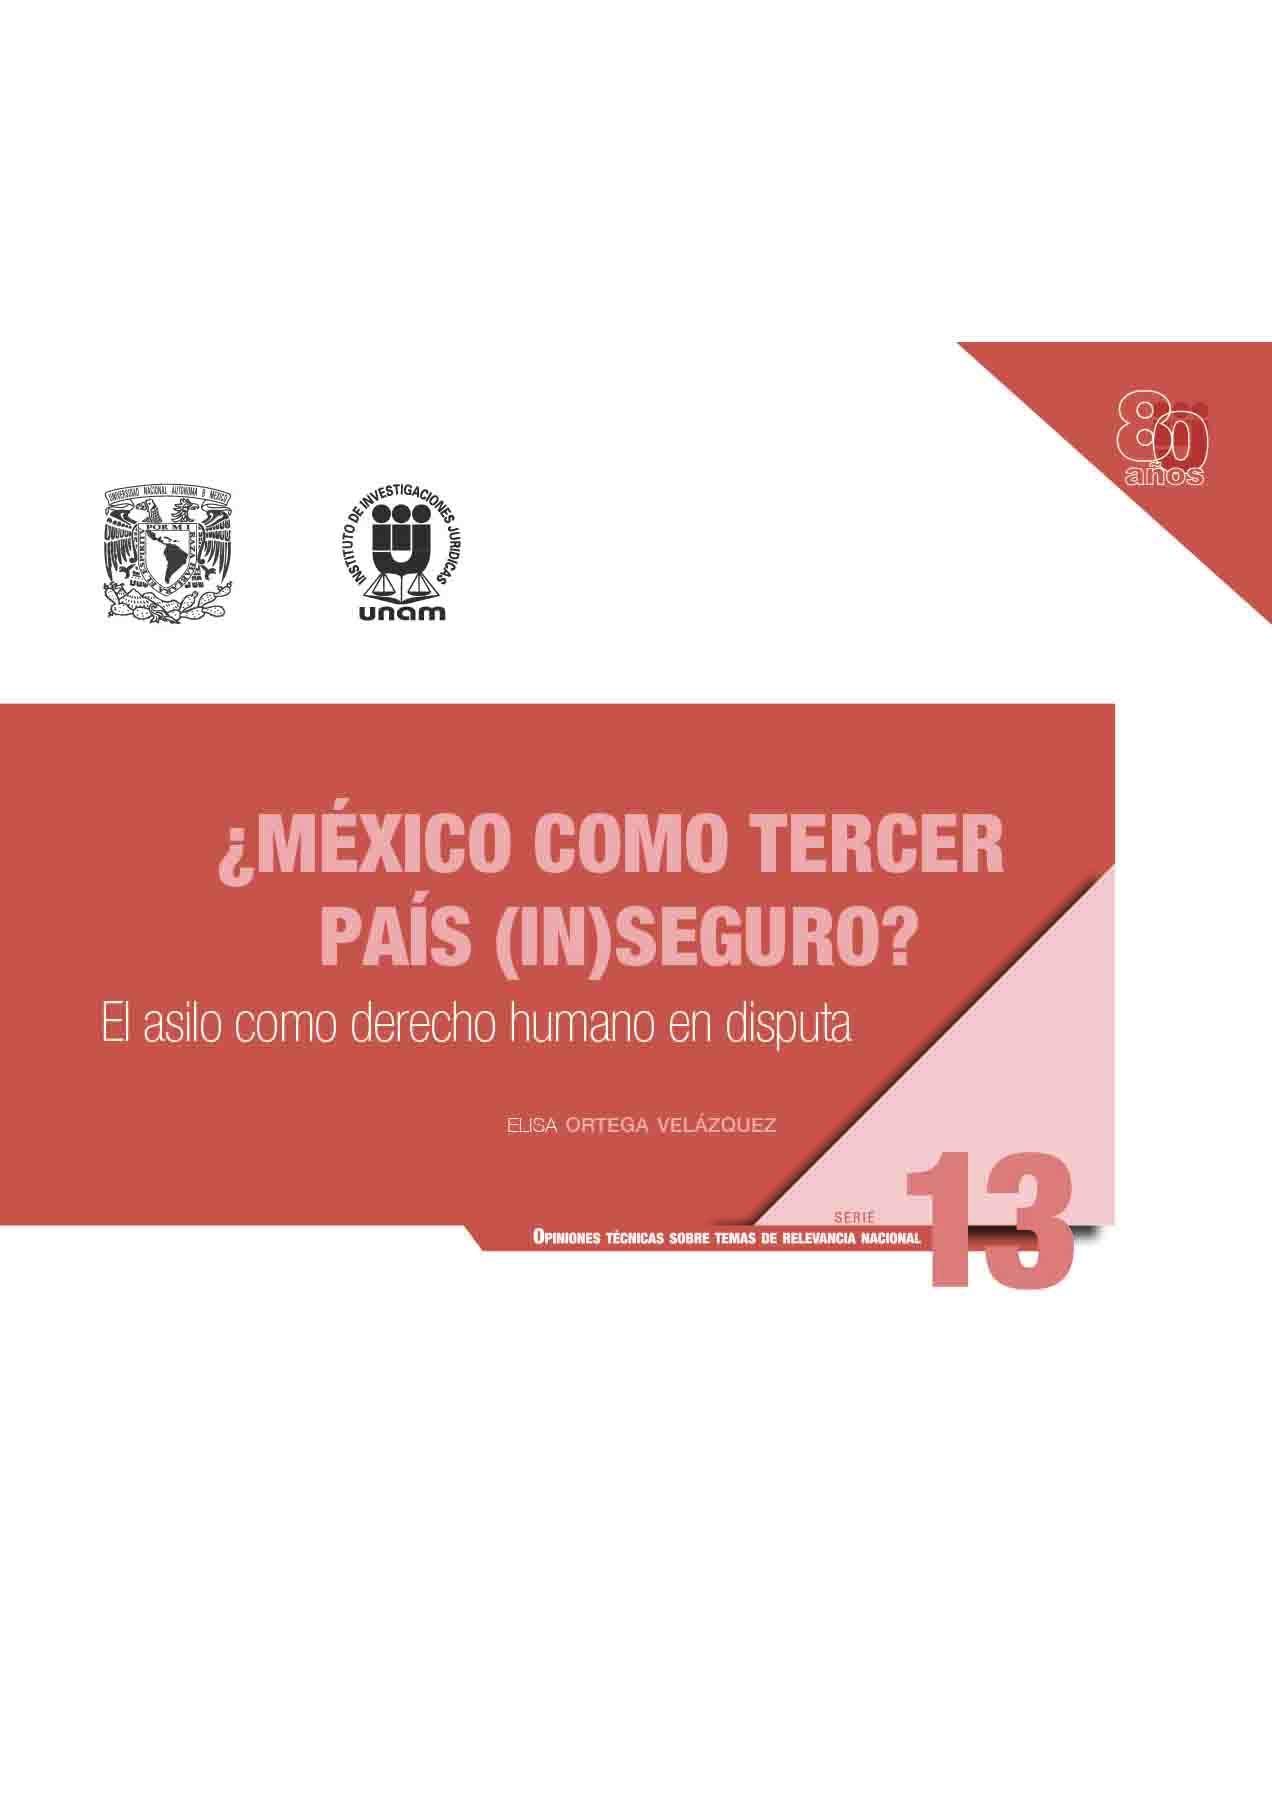 ¿México como tercer país (in)seguro? El asilo como derecho humano en disputa